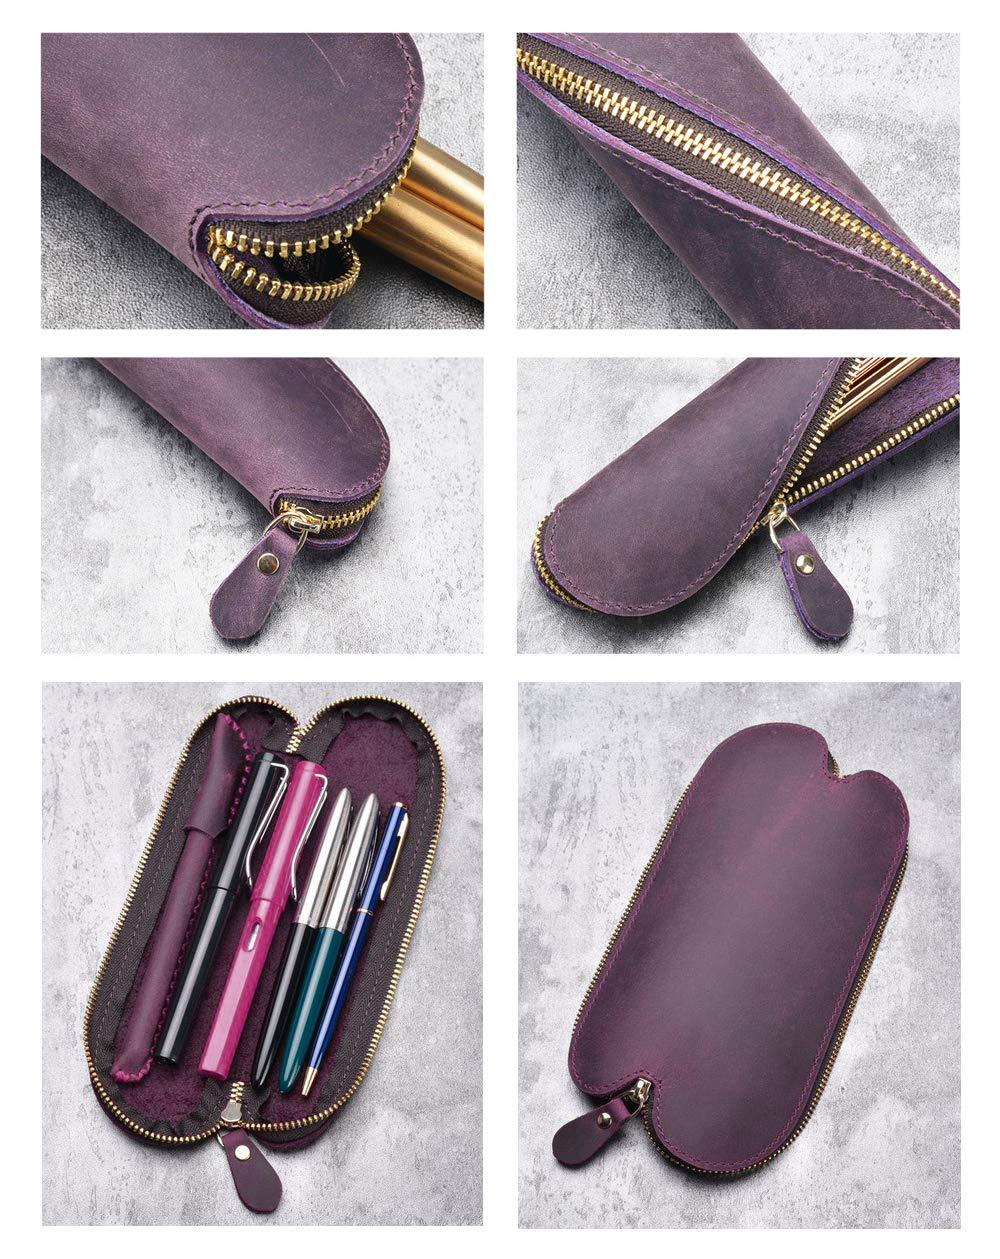 WOOWA Estuche de lápices de cuero, pequeño, vintage, hecho a mano, con cremallera, piel auténtica, para manualidades, bolígrafo en espiral, estuche para lápices, color verde oscuro